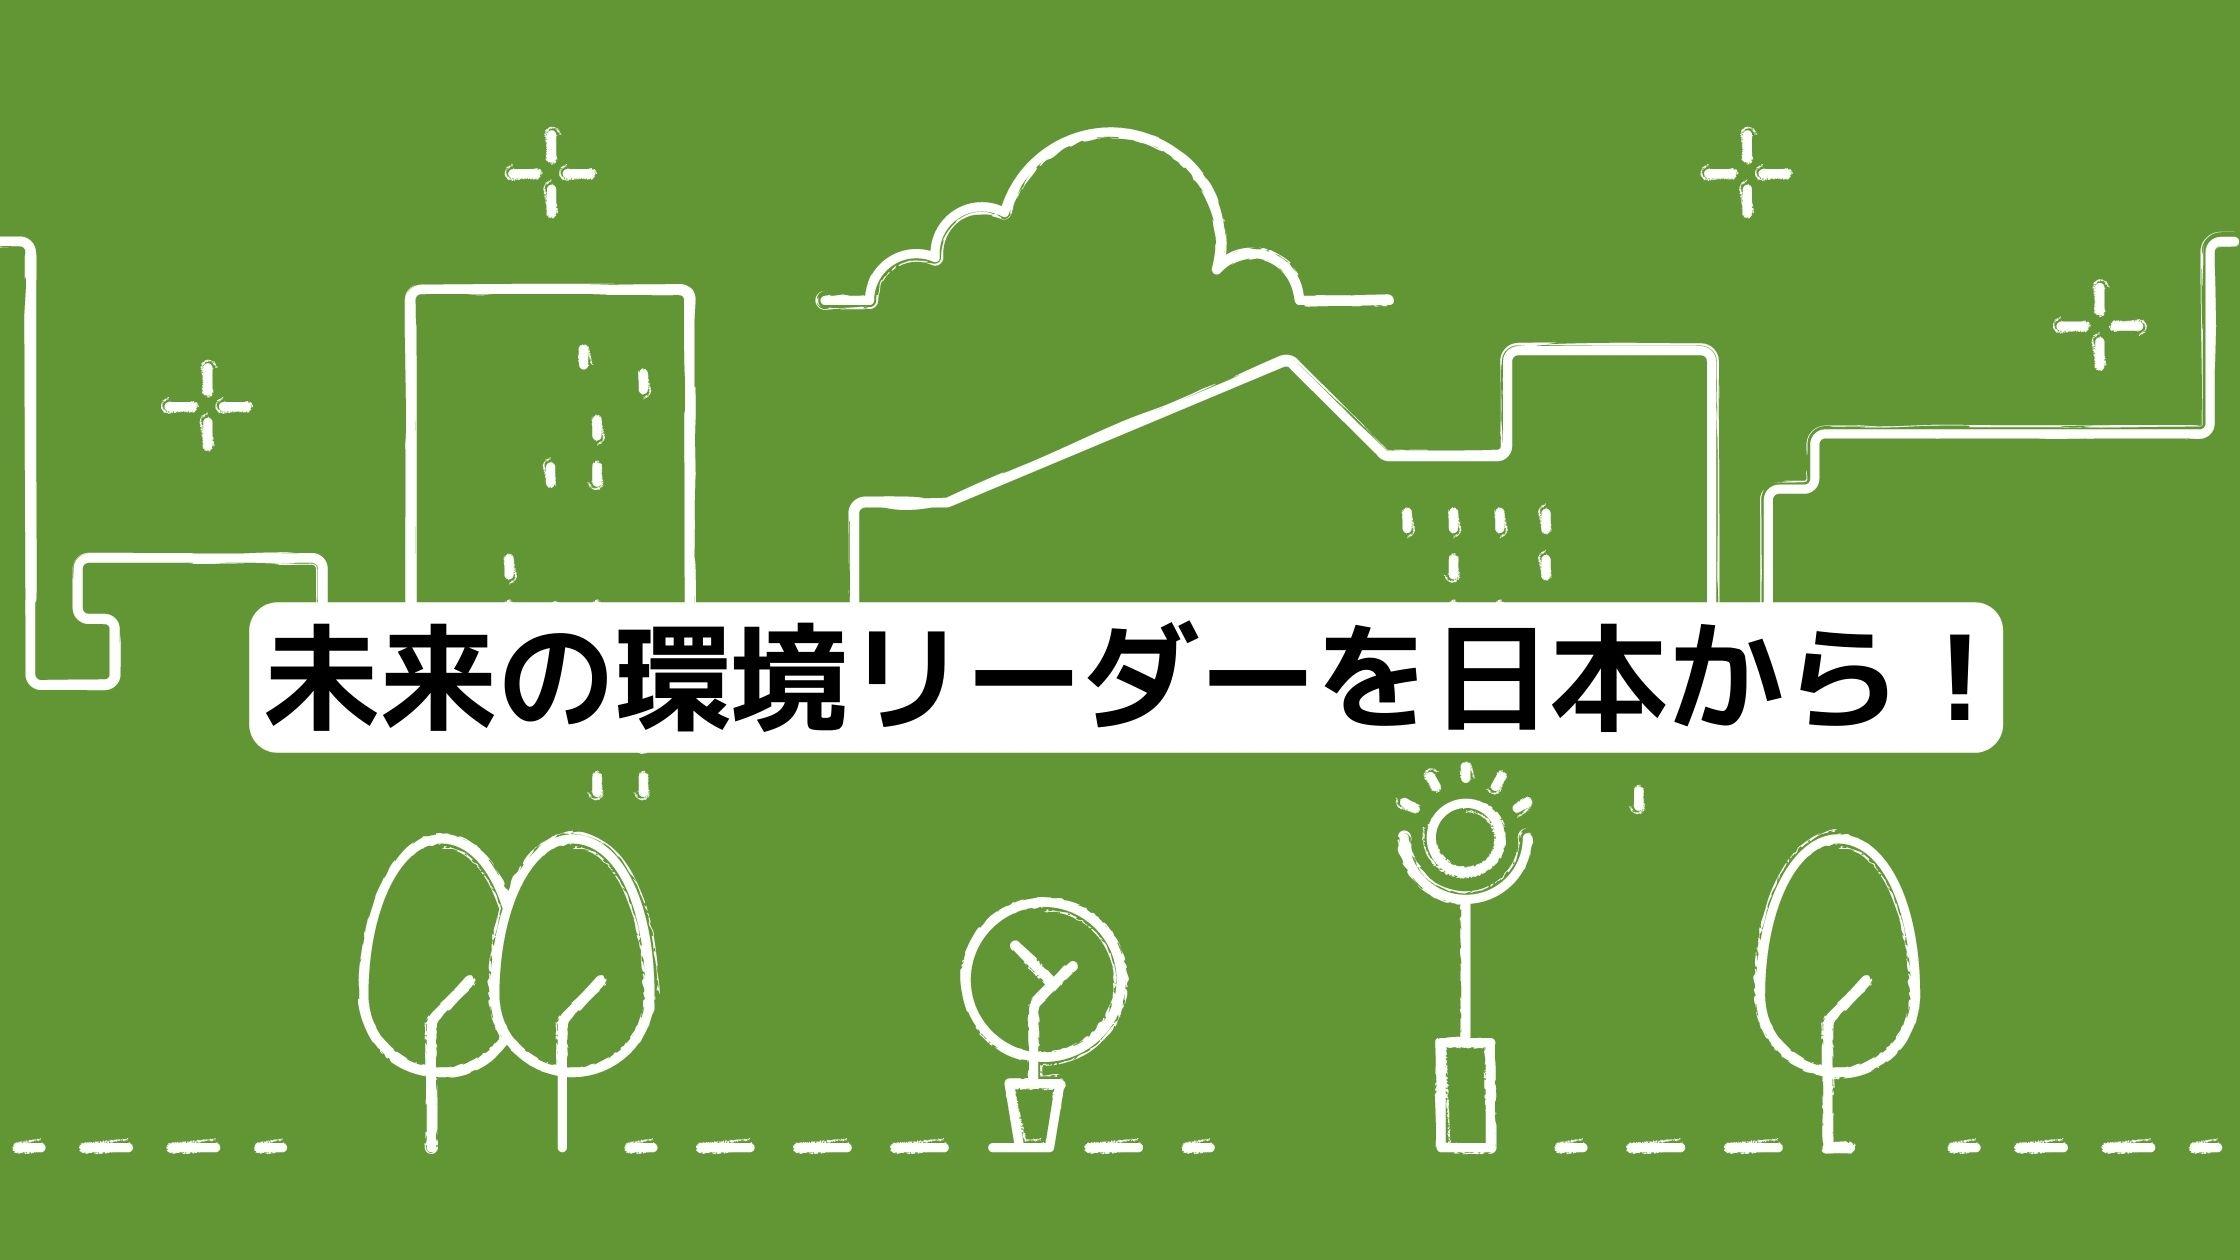 """未来の環境リーダーを日本から! 【<span class=""""highlight"""">GBJ</span>学生会員募集(無料)】"""